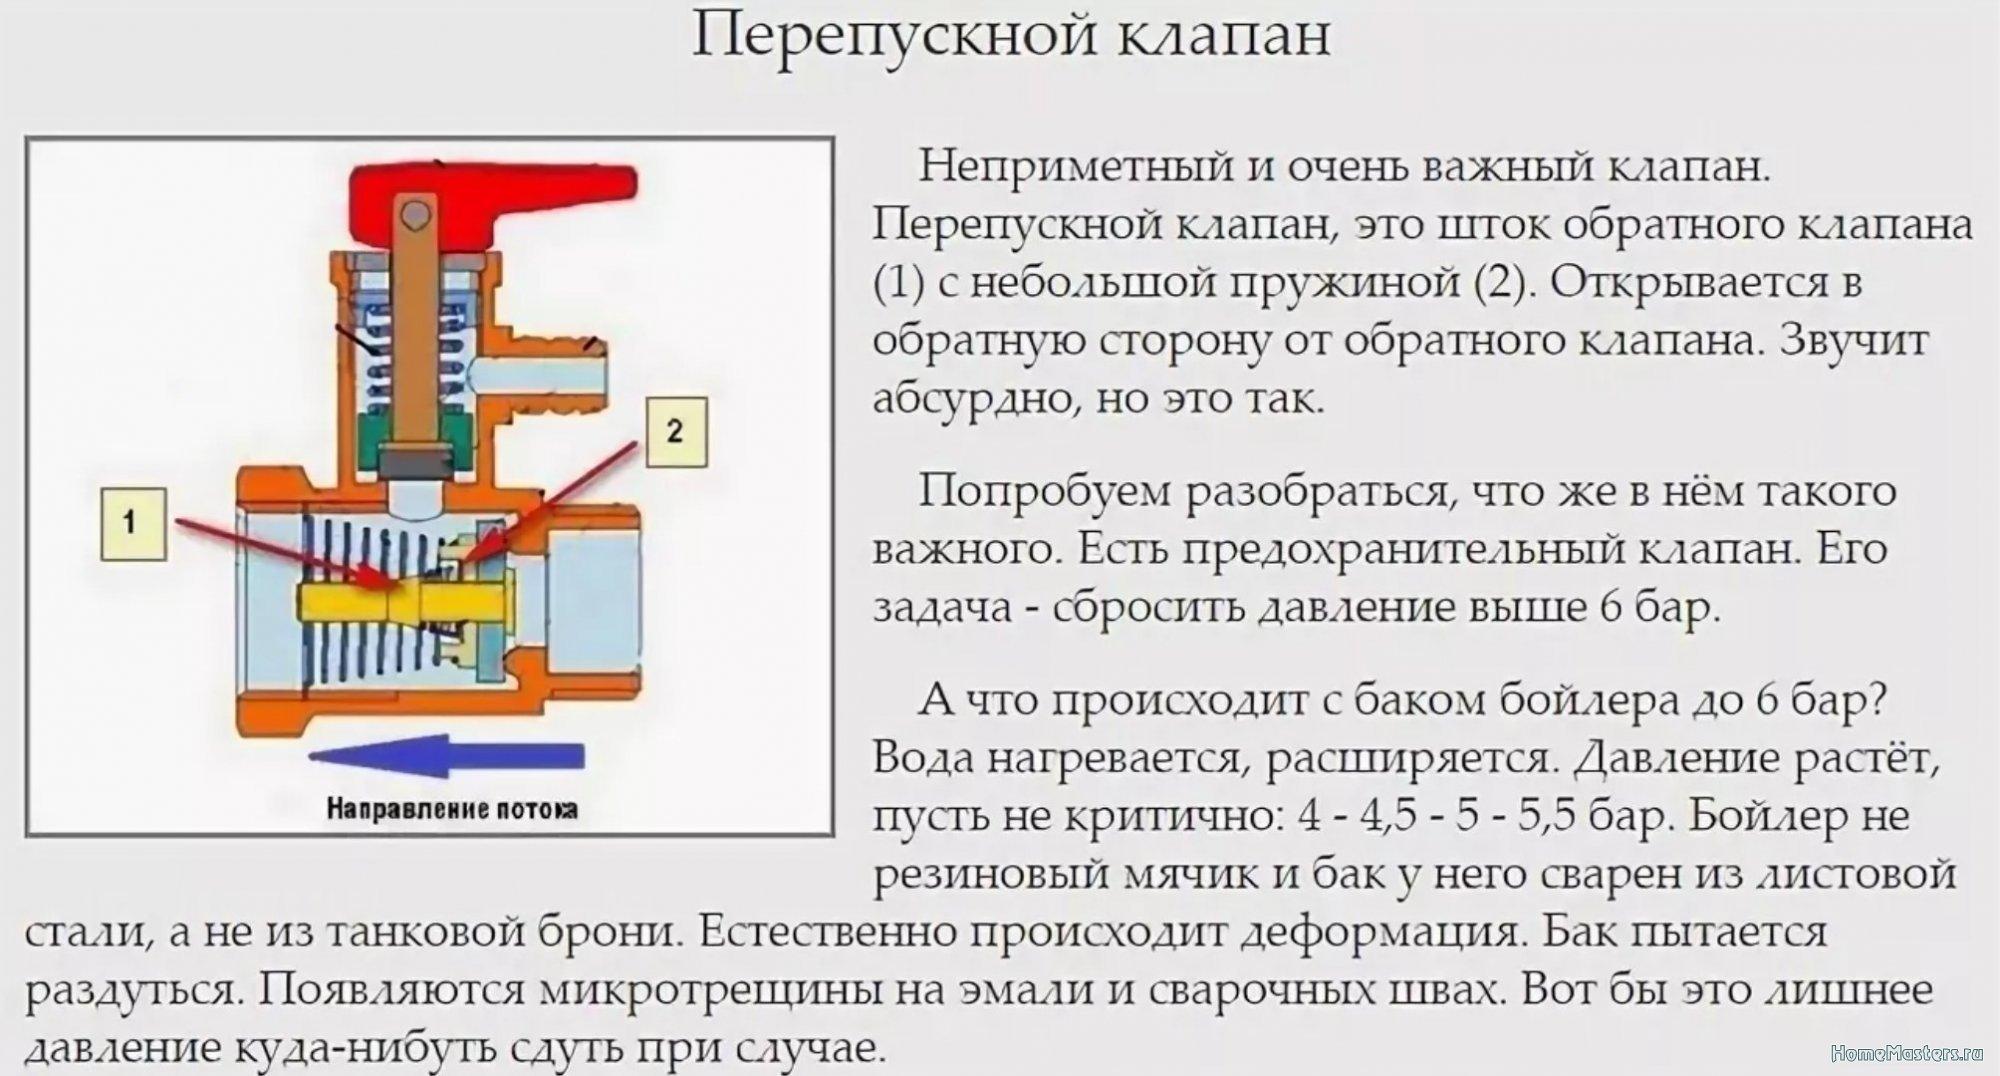 Предохранительный клапан для водонагревателя: устройство и принцип работы, инструкция по соединению с бойлером